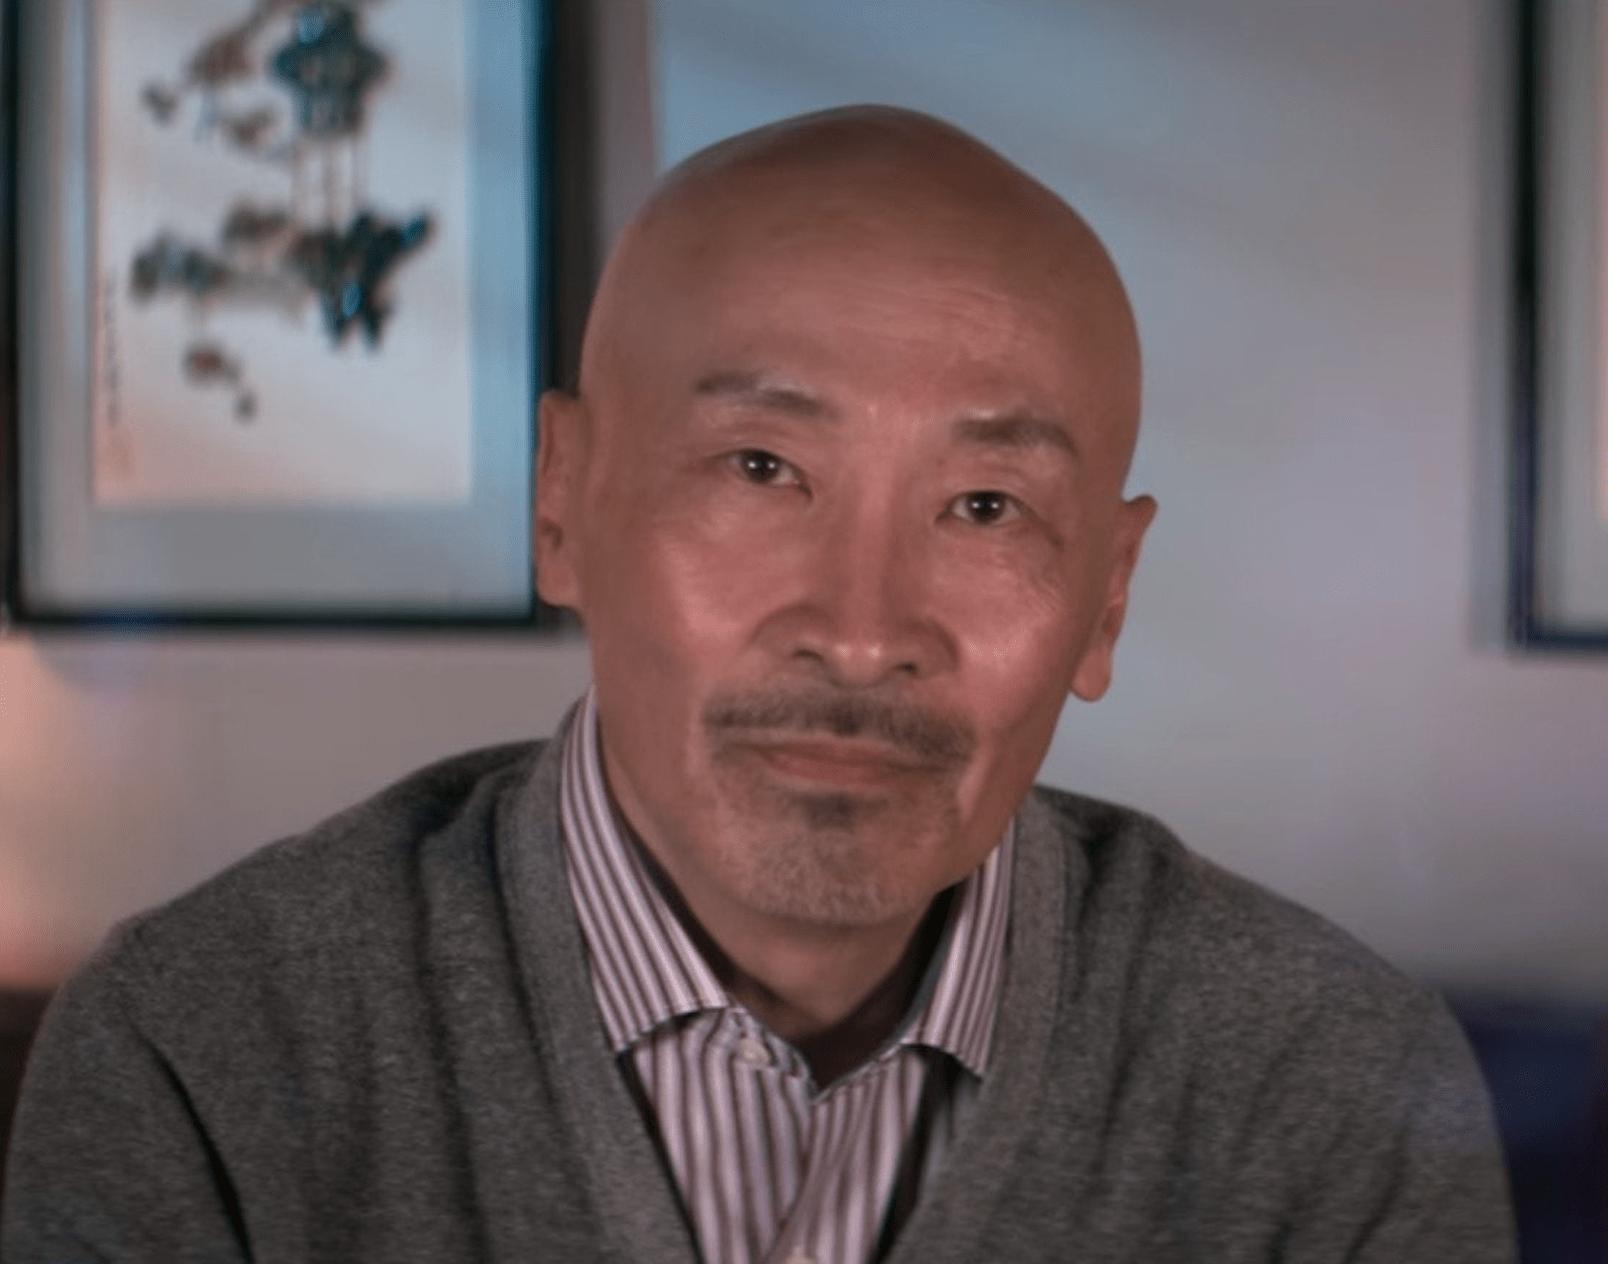 64岁TVB绿叶李子奇近况曝光,转行做旅游主播,满脸胡渣很沧桑认不出